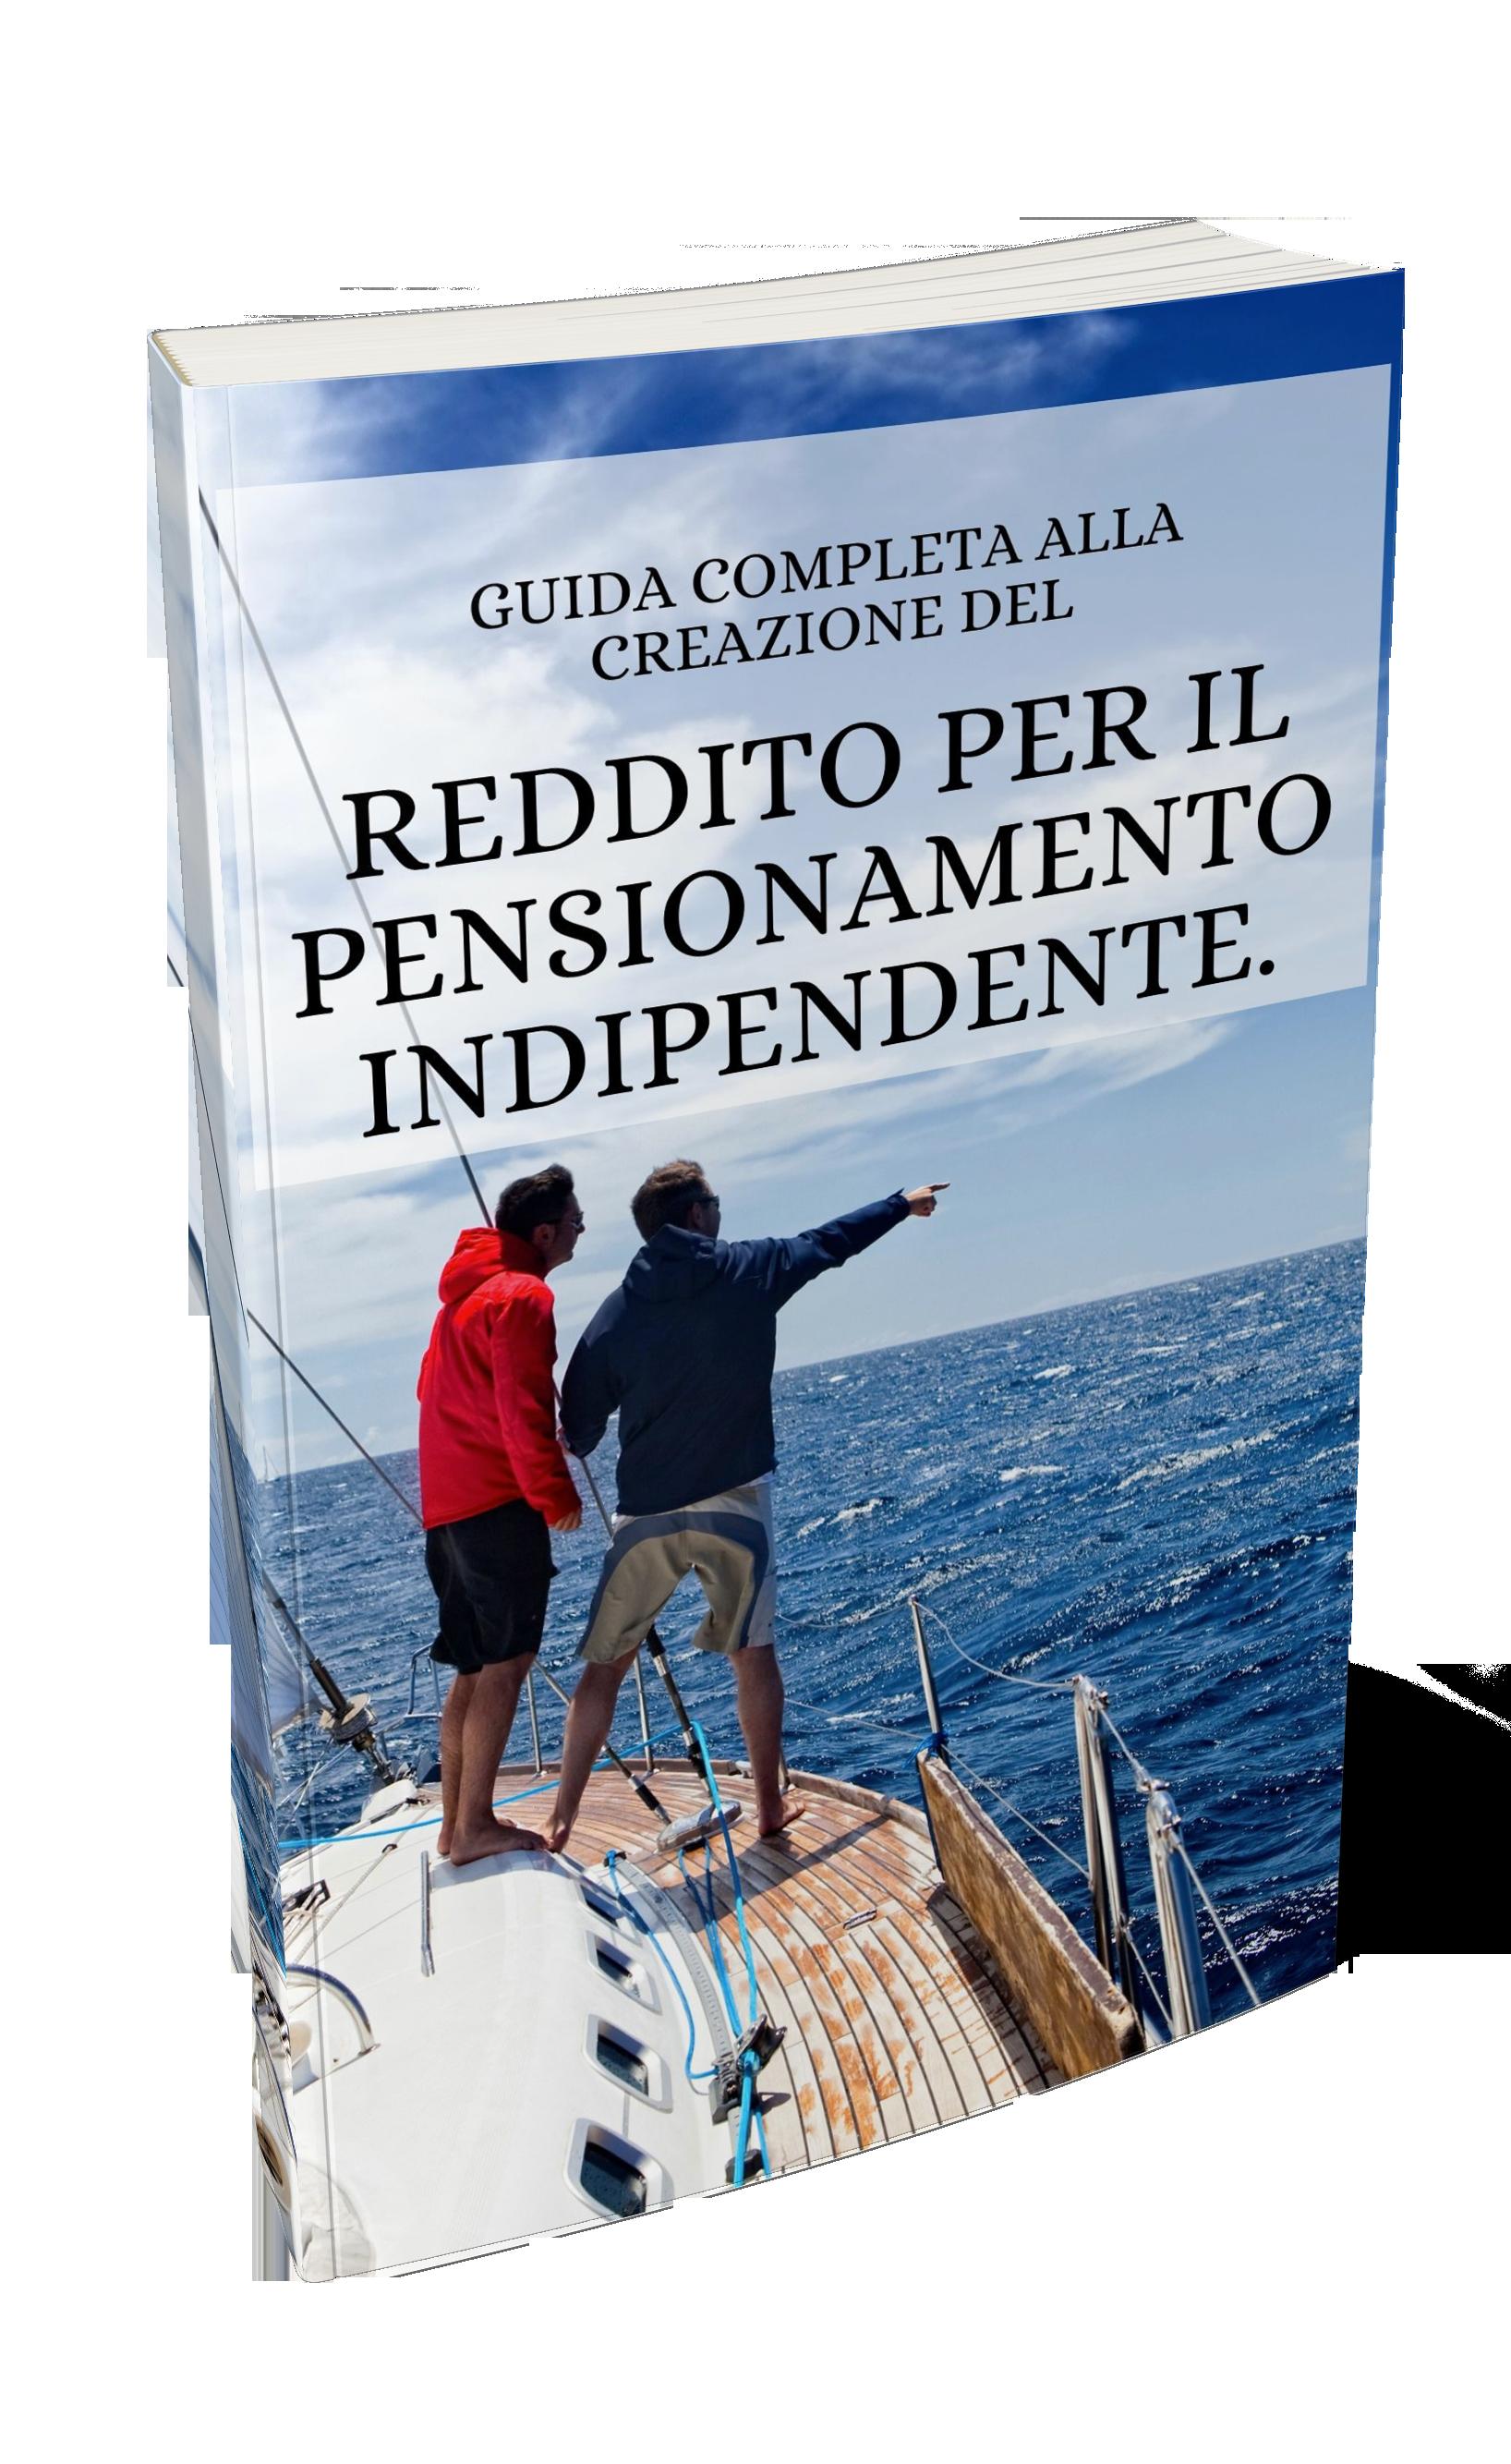 3d_2_Cover_report_guida_alla_pensione